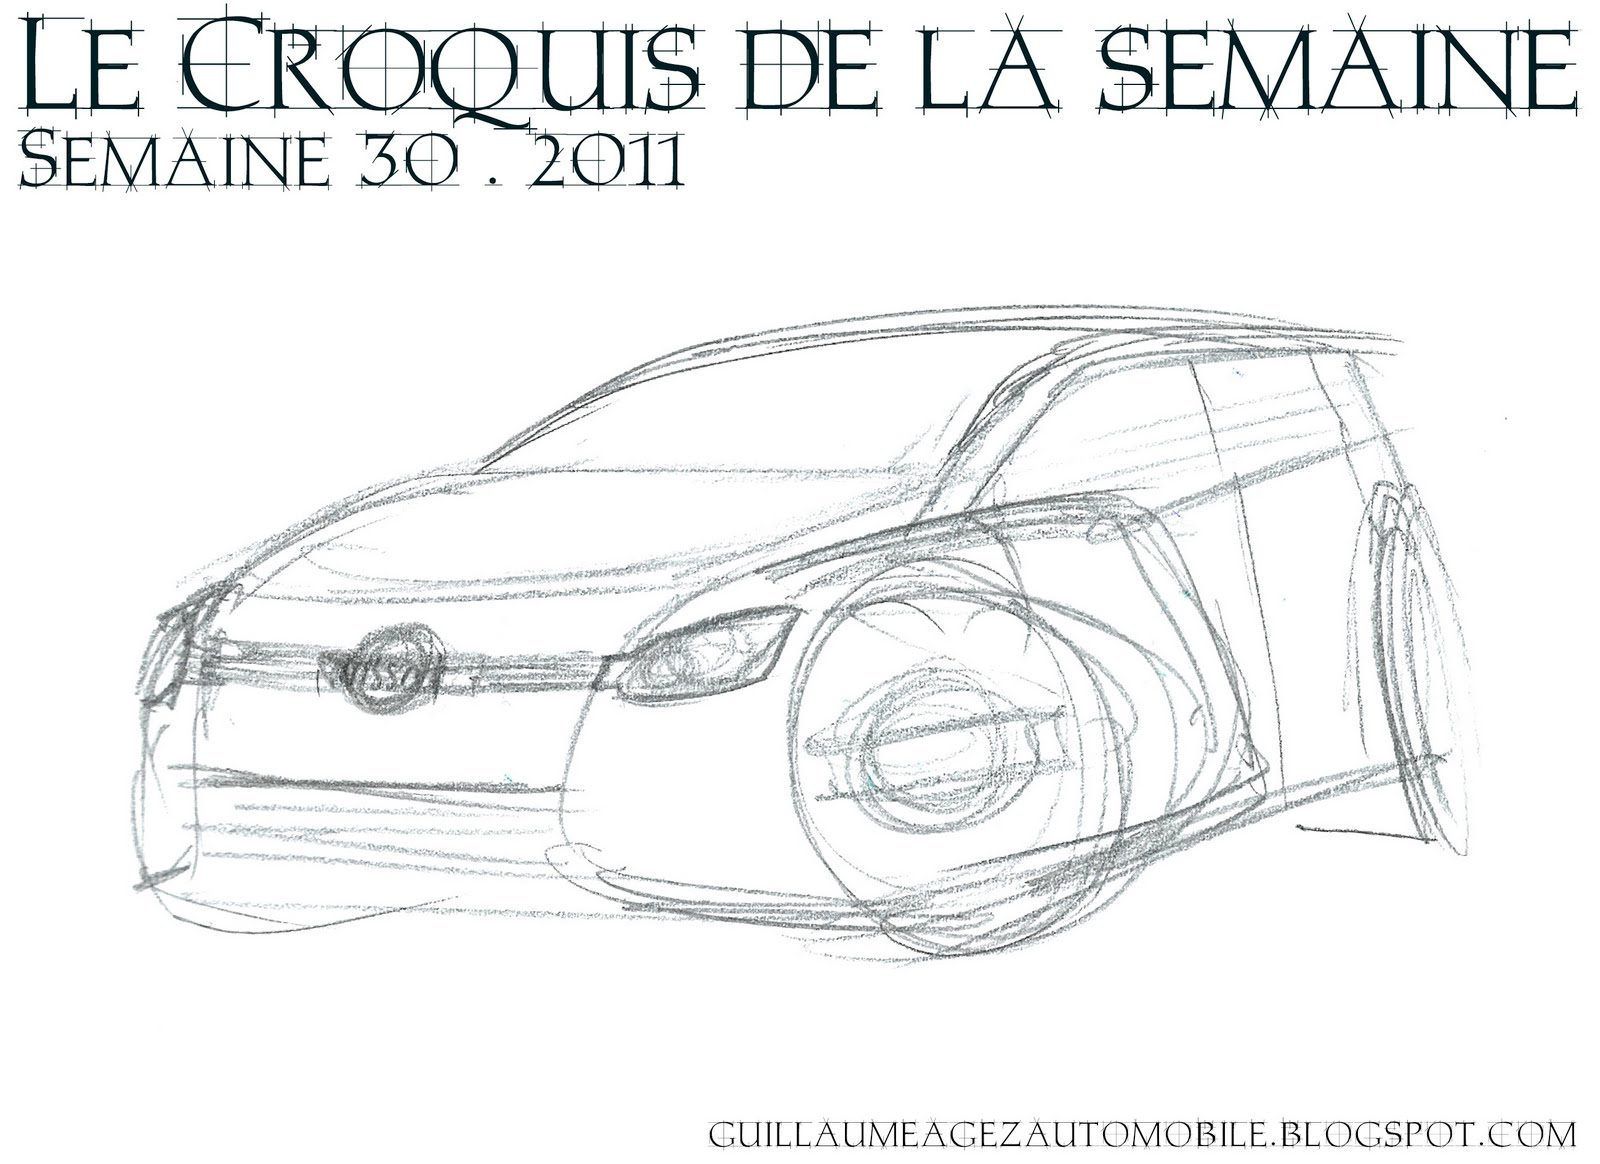 Guillaume Agez Automobile Juillet